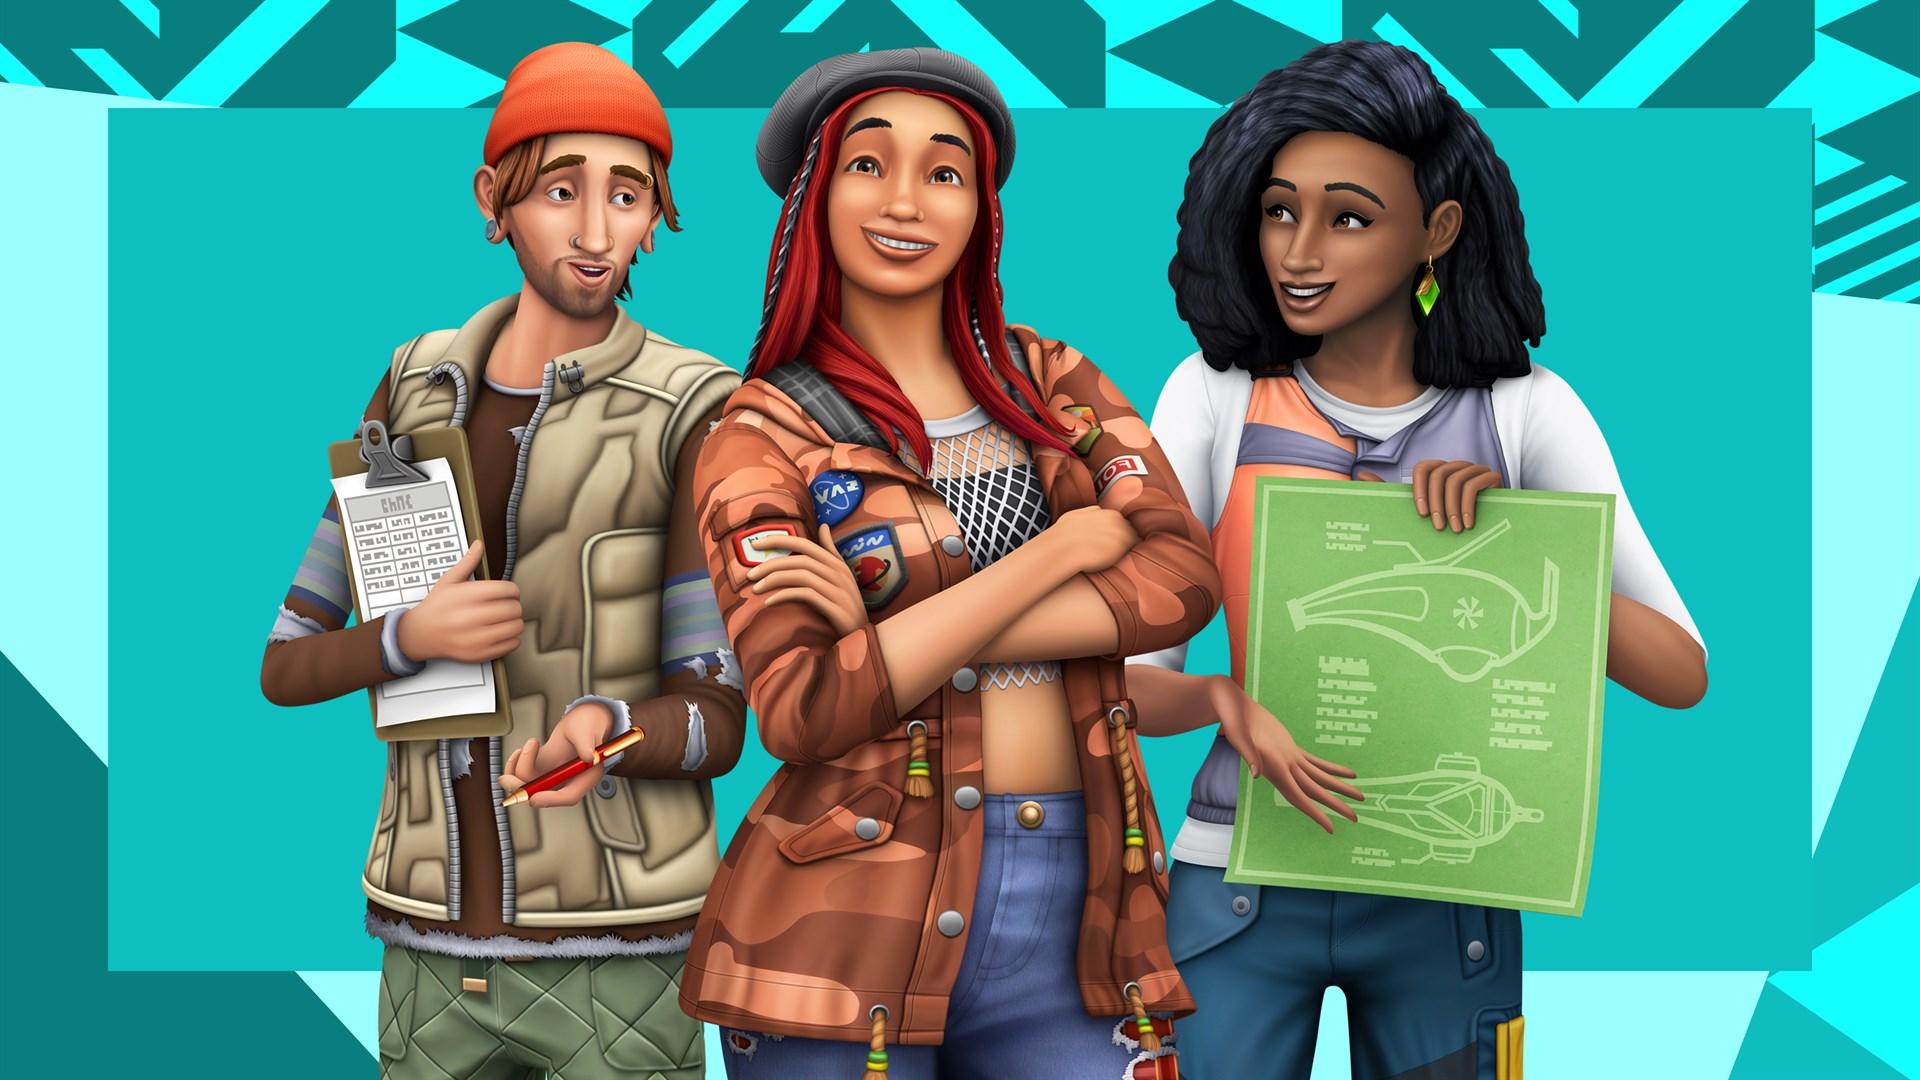 Новое дополнение «The Sims 4 Экологичная жизнь» выйдет на Xbox One 5 июня